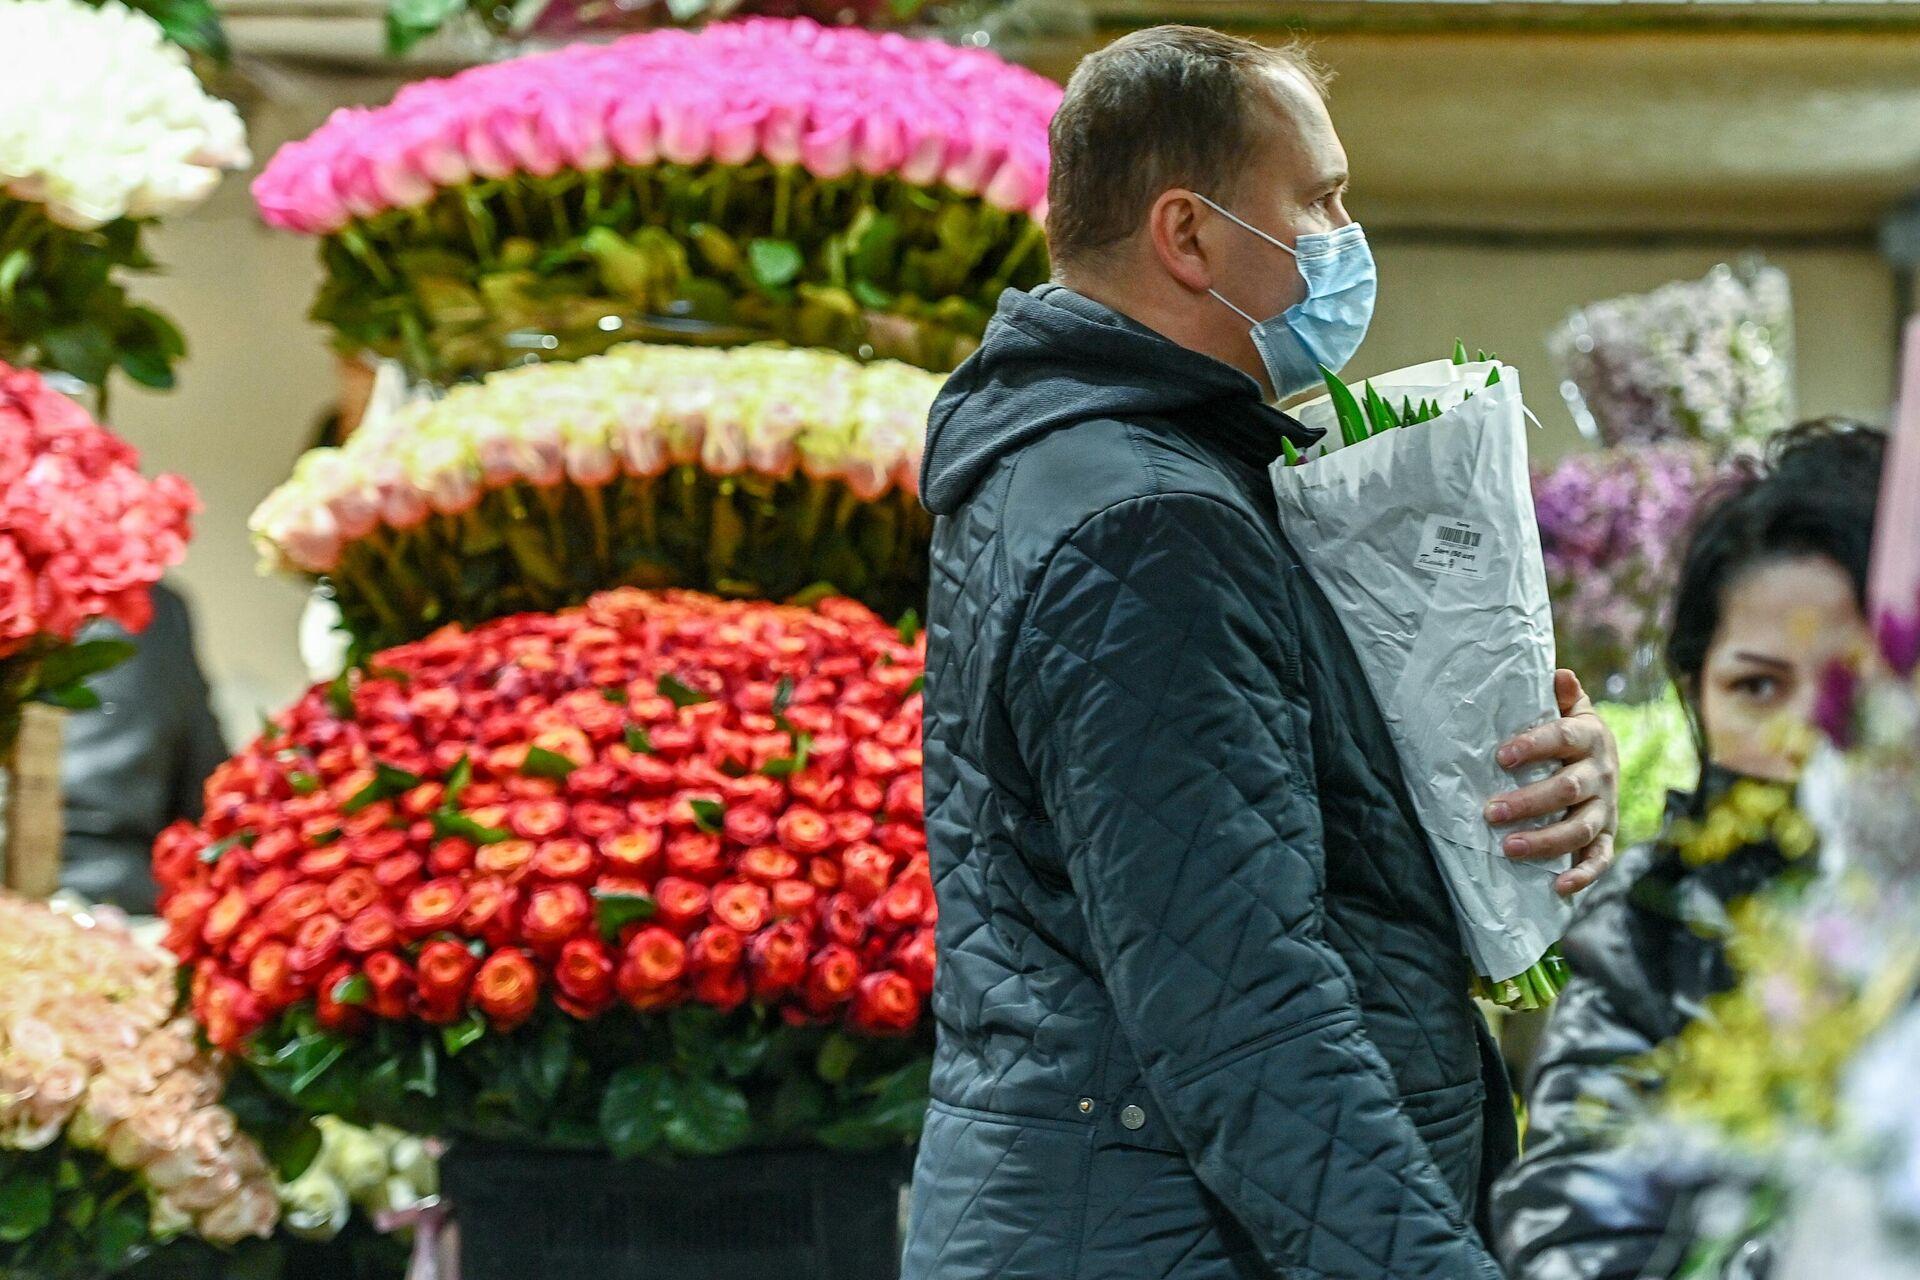 Продажа цветов накануне Международного женского дня на Рижском рынке в Москве - РИА Новости, 1920, 05.03.2021